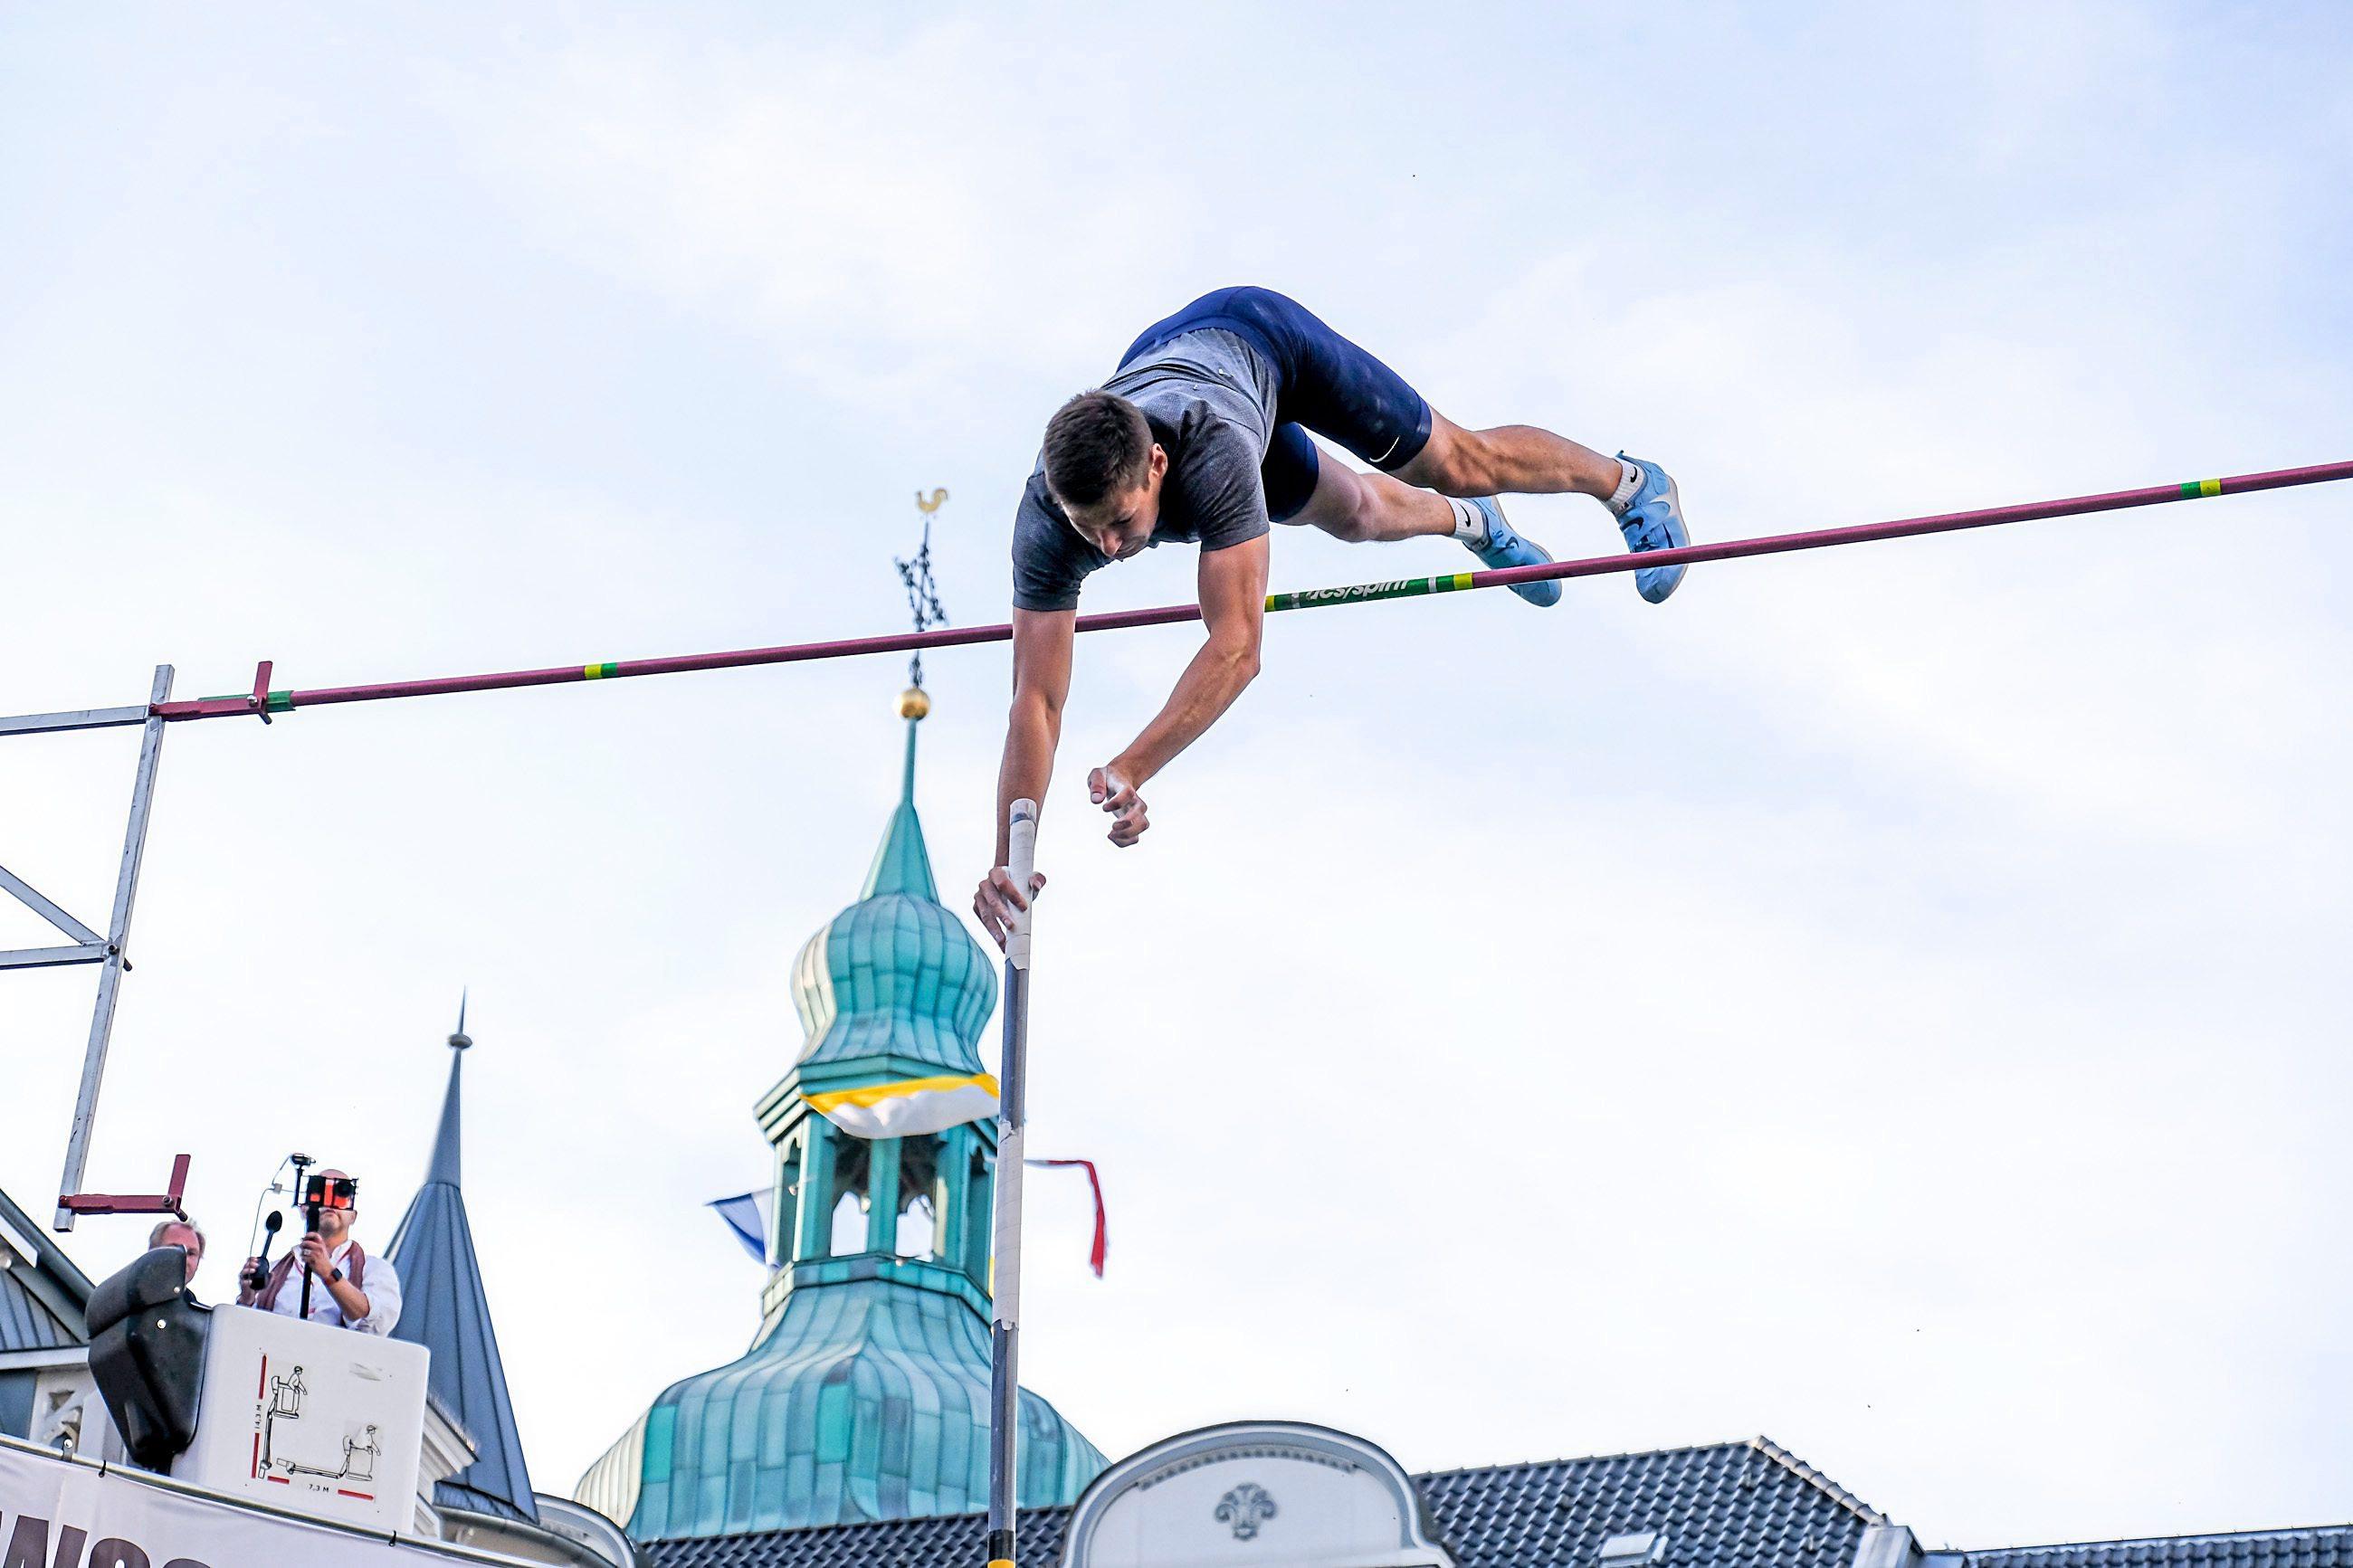 38. Marktplatzspringen in Recklinghausem, Woche des Sports. Foto: J. Gutzeit